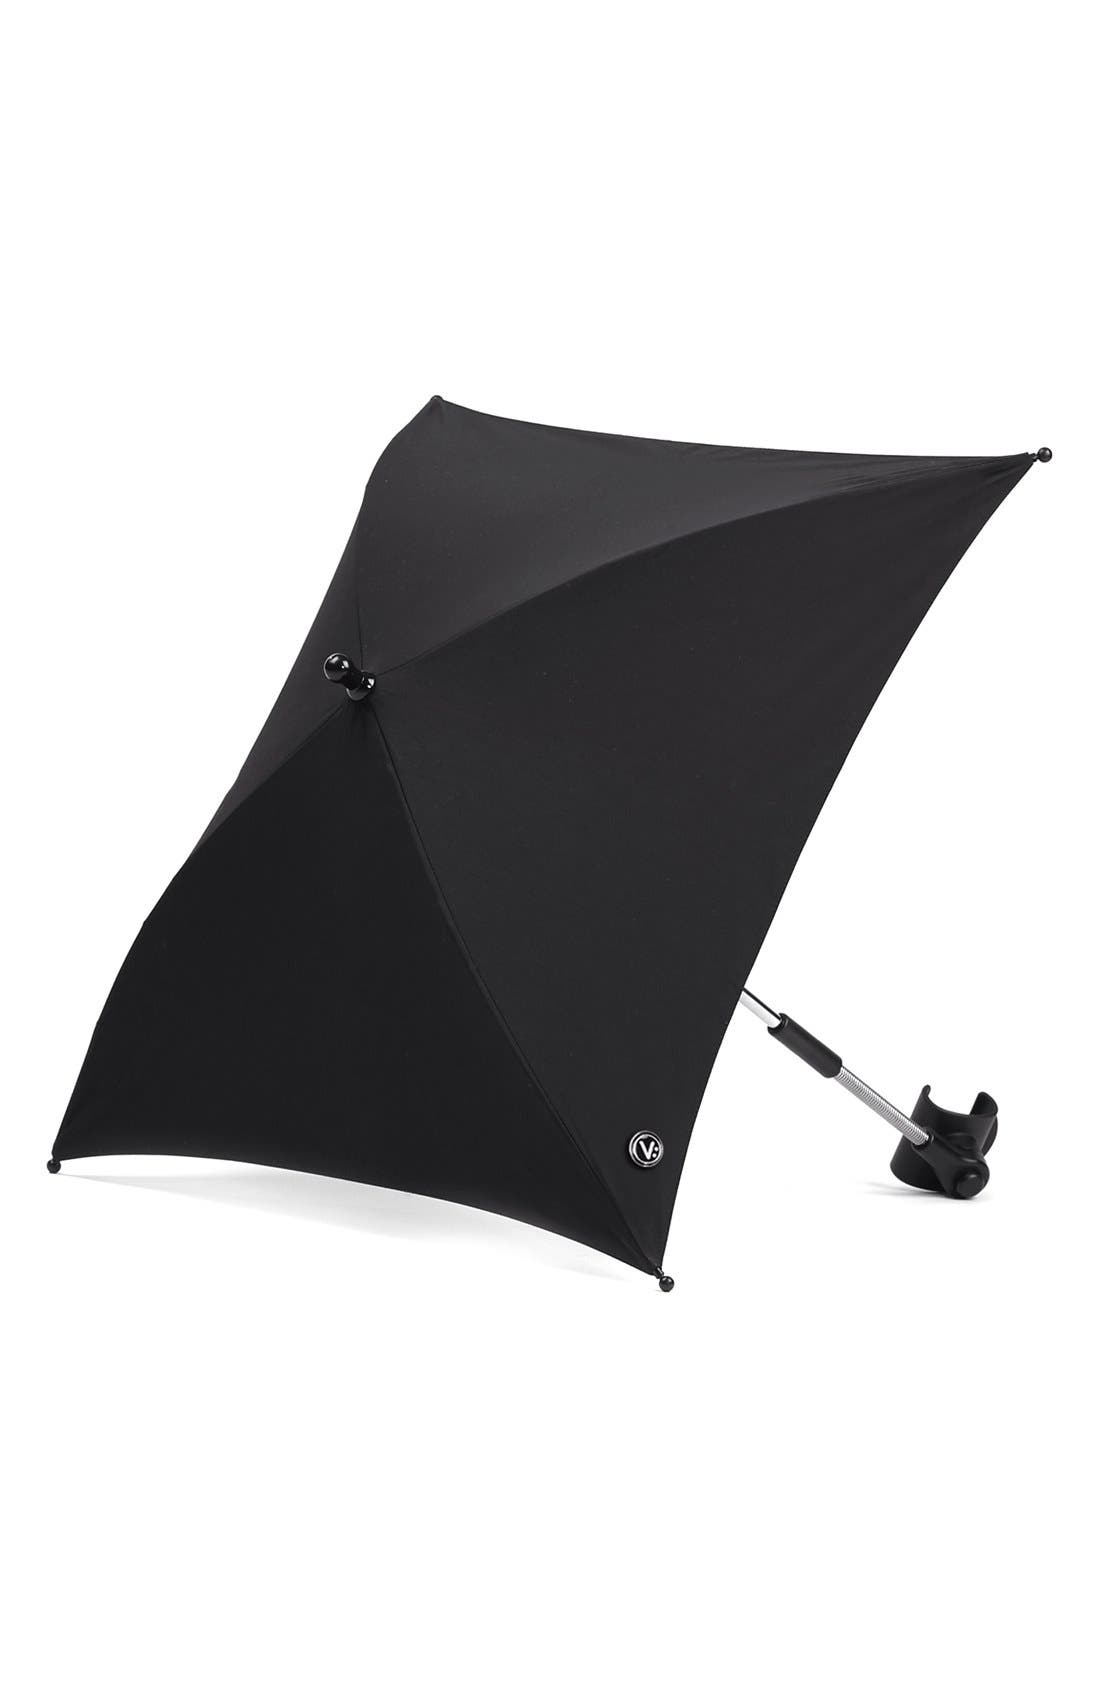 'Igo - Reflect Cosmo Black' Water Resistant Stroller Umbrella,                             Main thumbnail 1, color,                             001